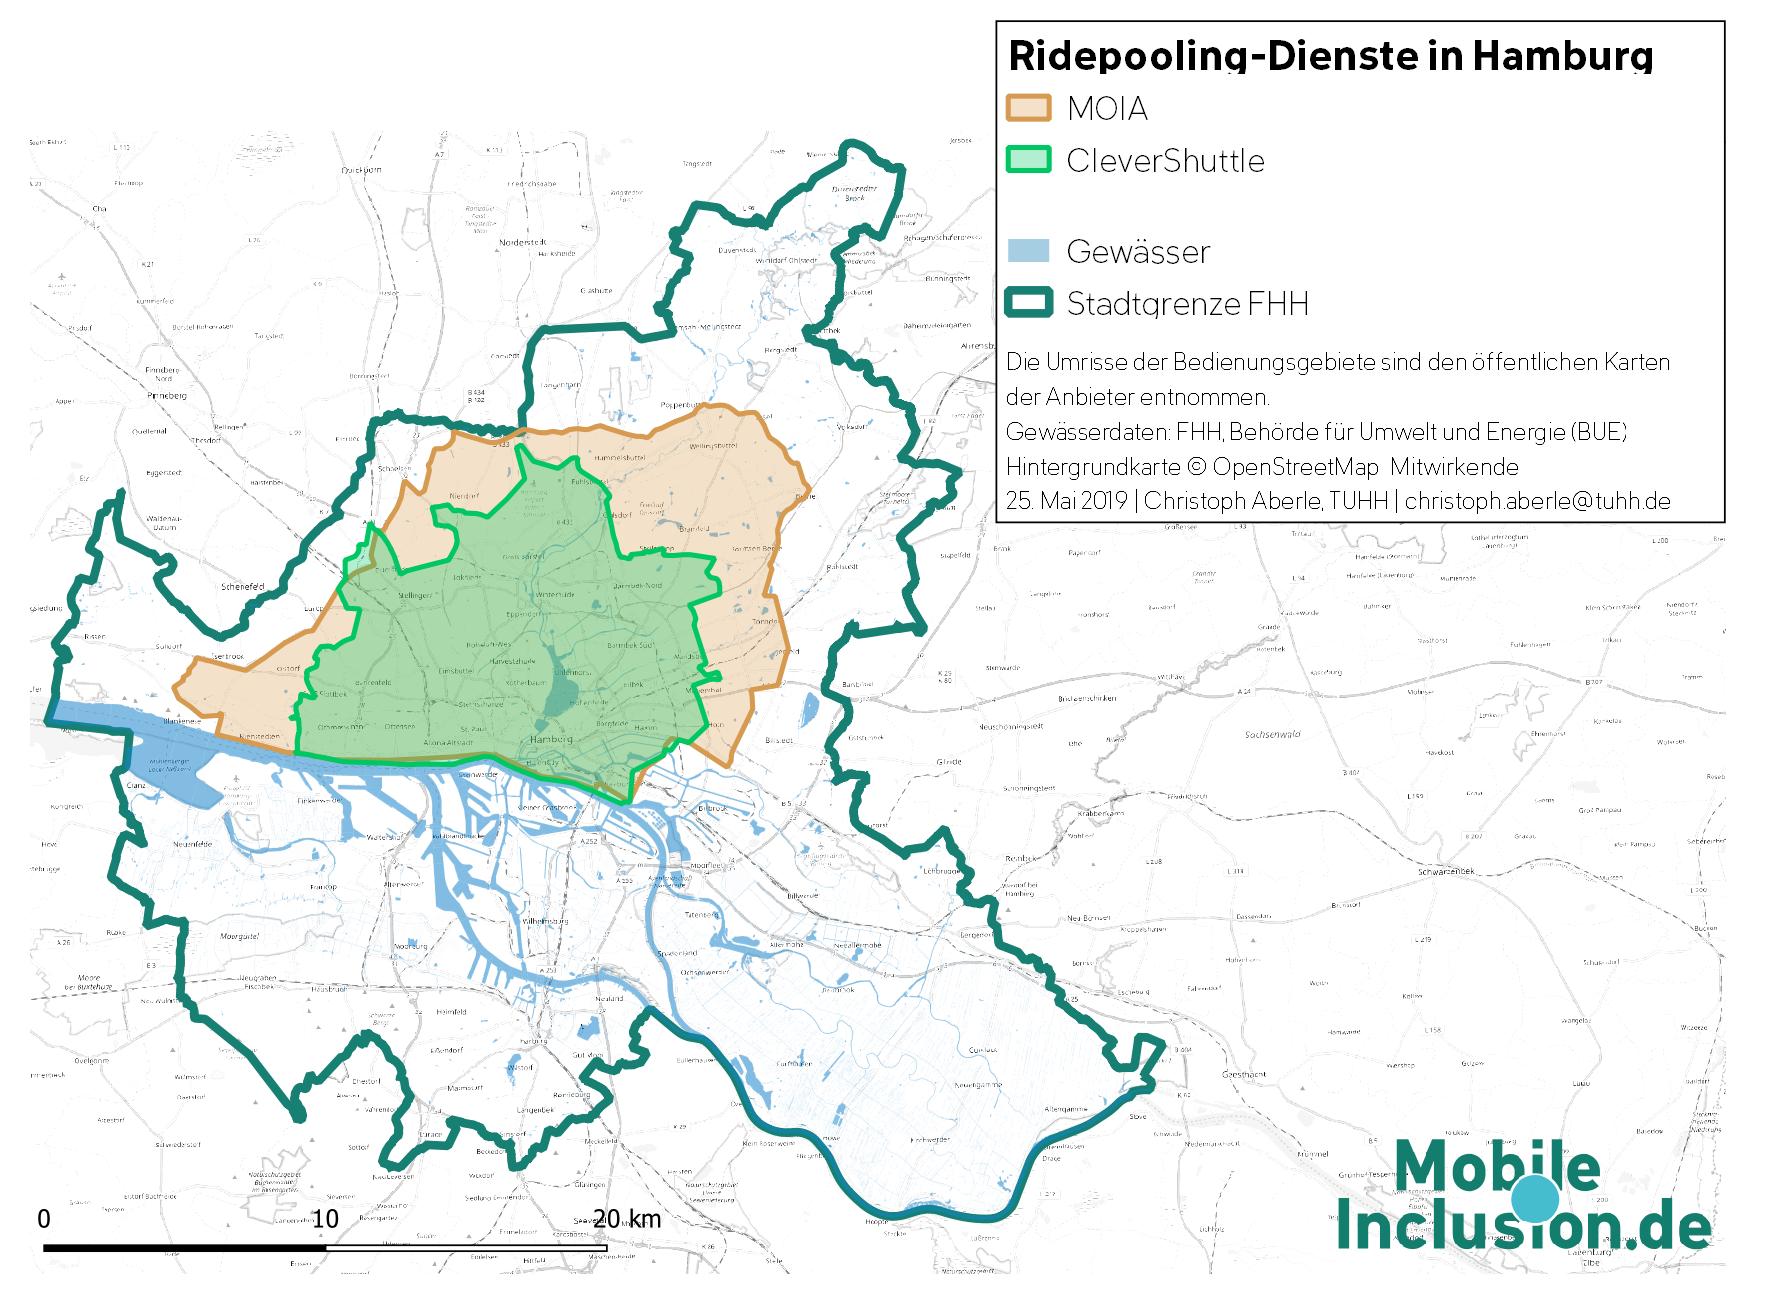 Karte, die Ridepooling-Angebote in Hamburg zeigt: Bedienungsgebiete von MOIA und CleverShuttle